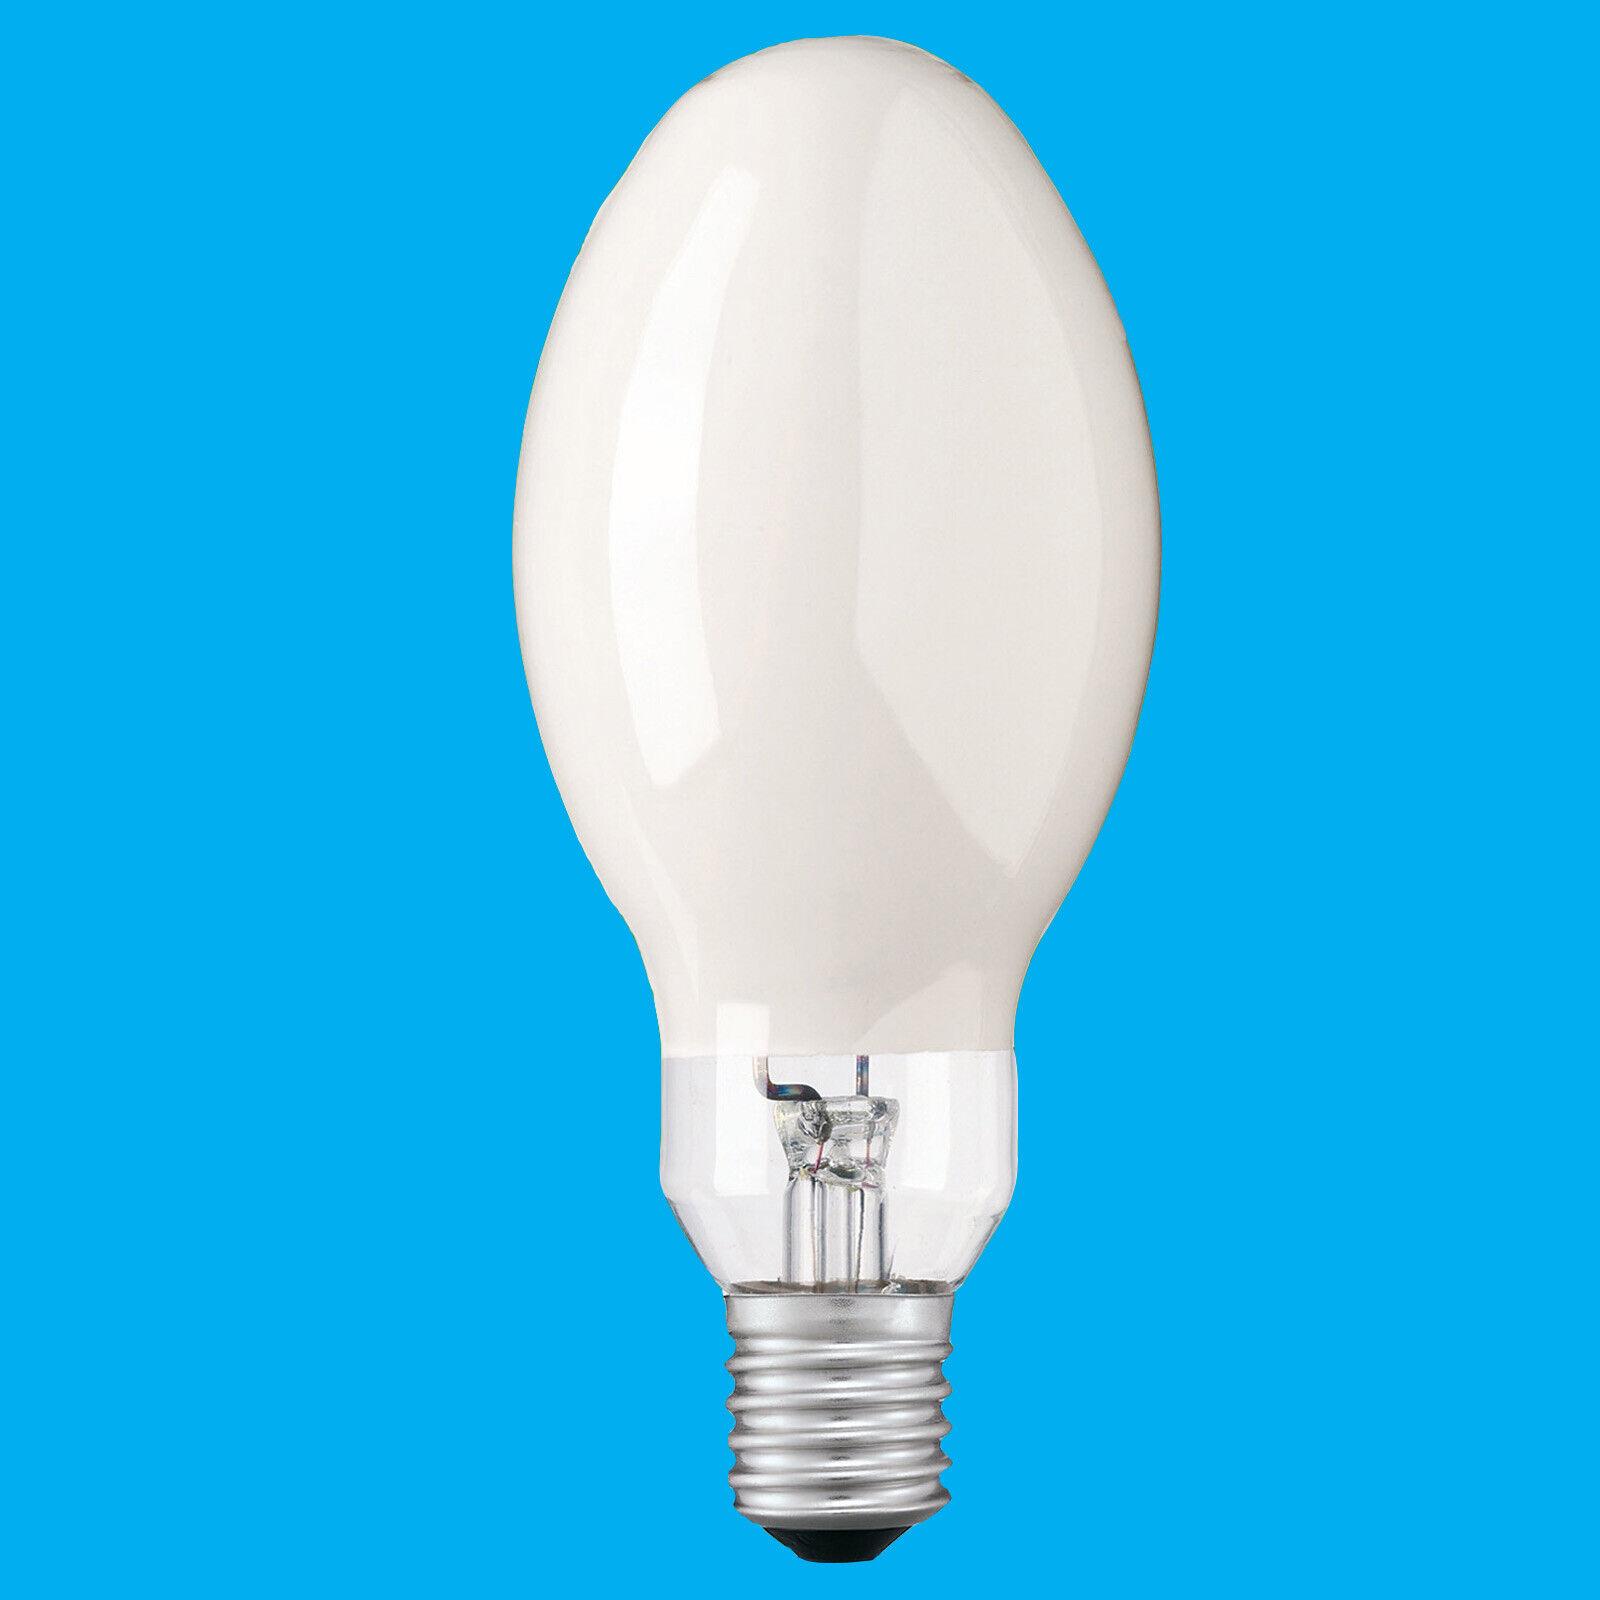 8x 250W Pearl HPM Mercury Vapour Lamp Light Bulb GES E40 Goliath Edison Screw